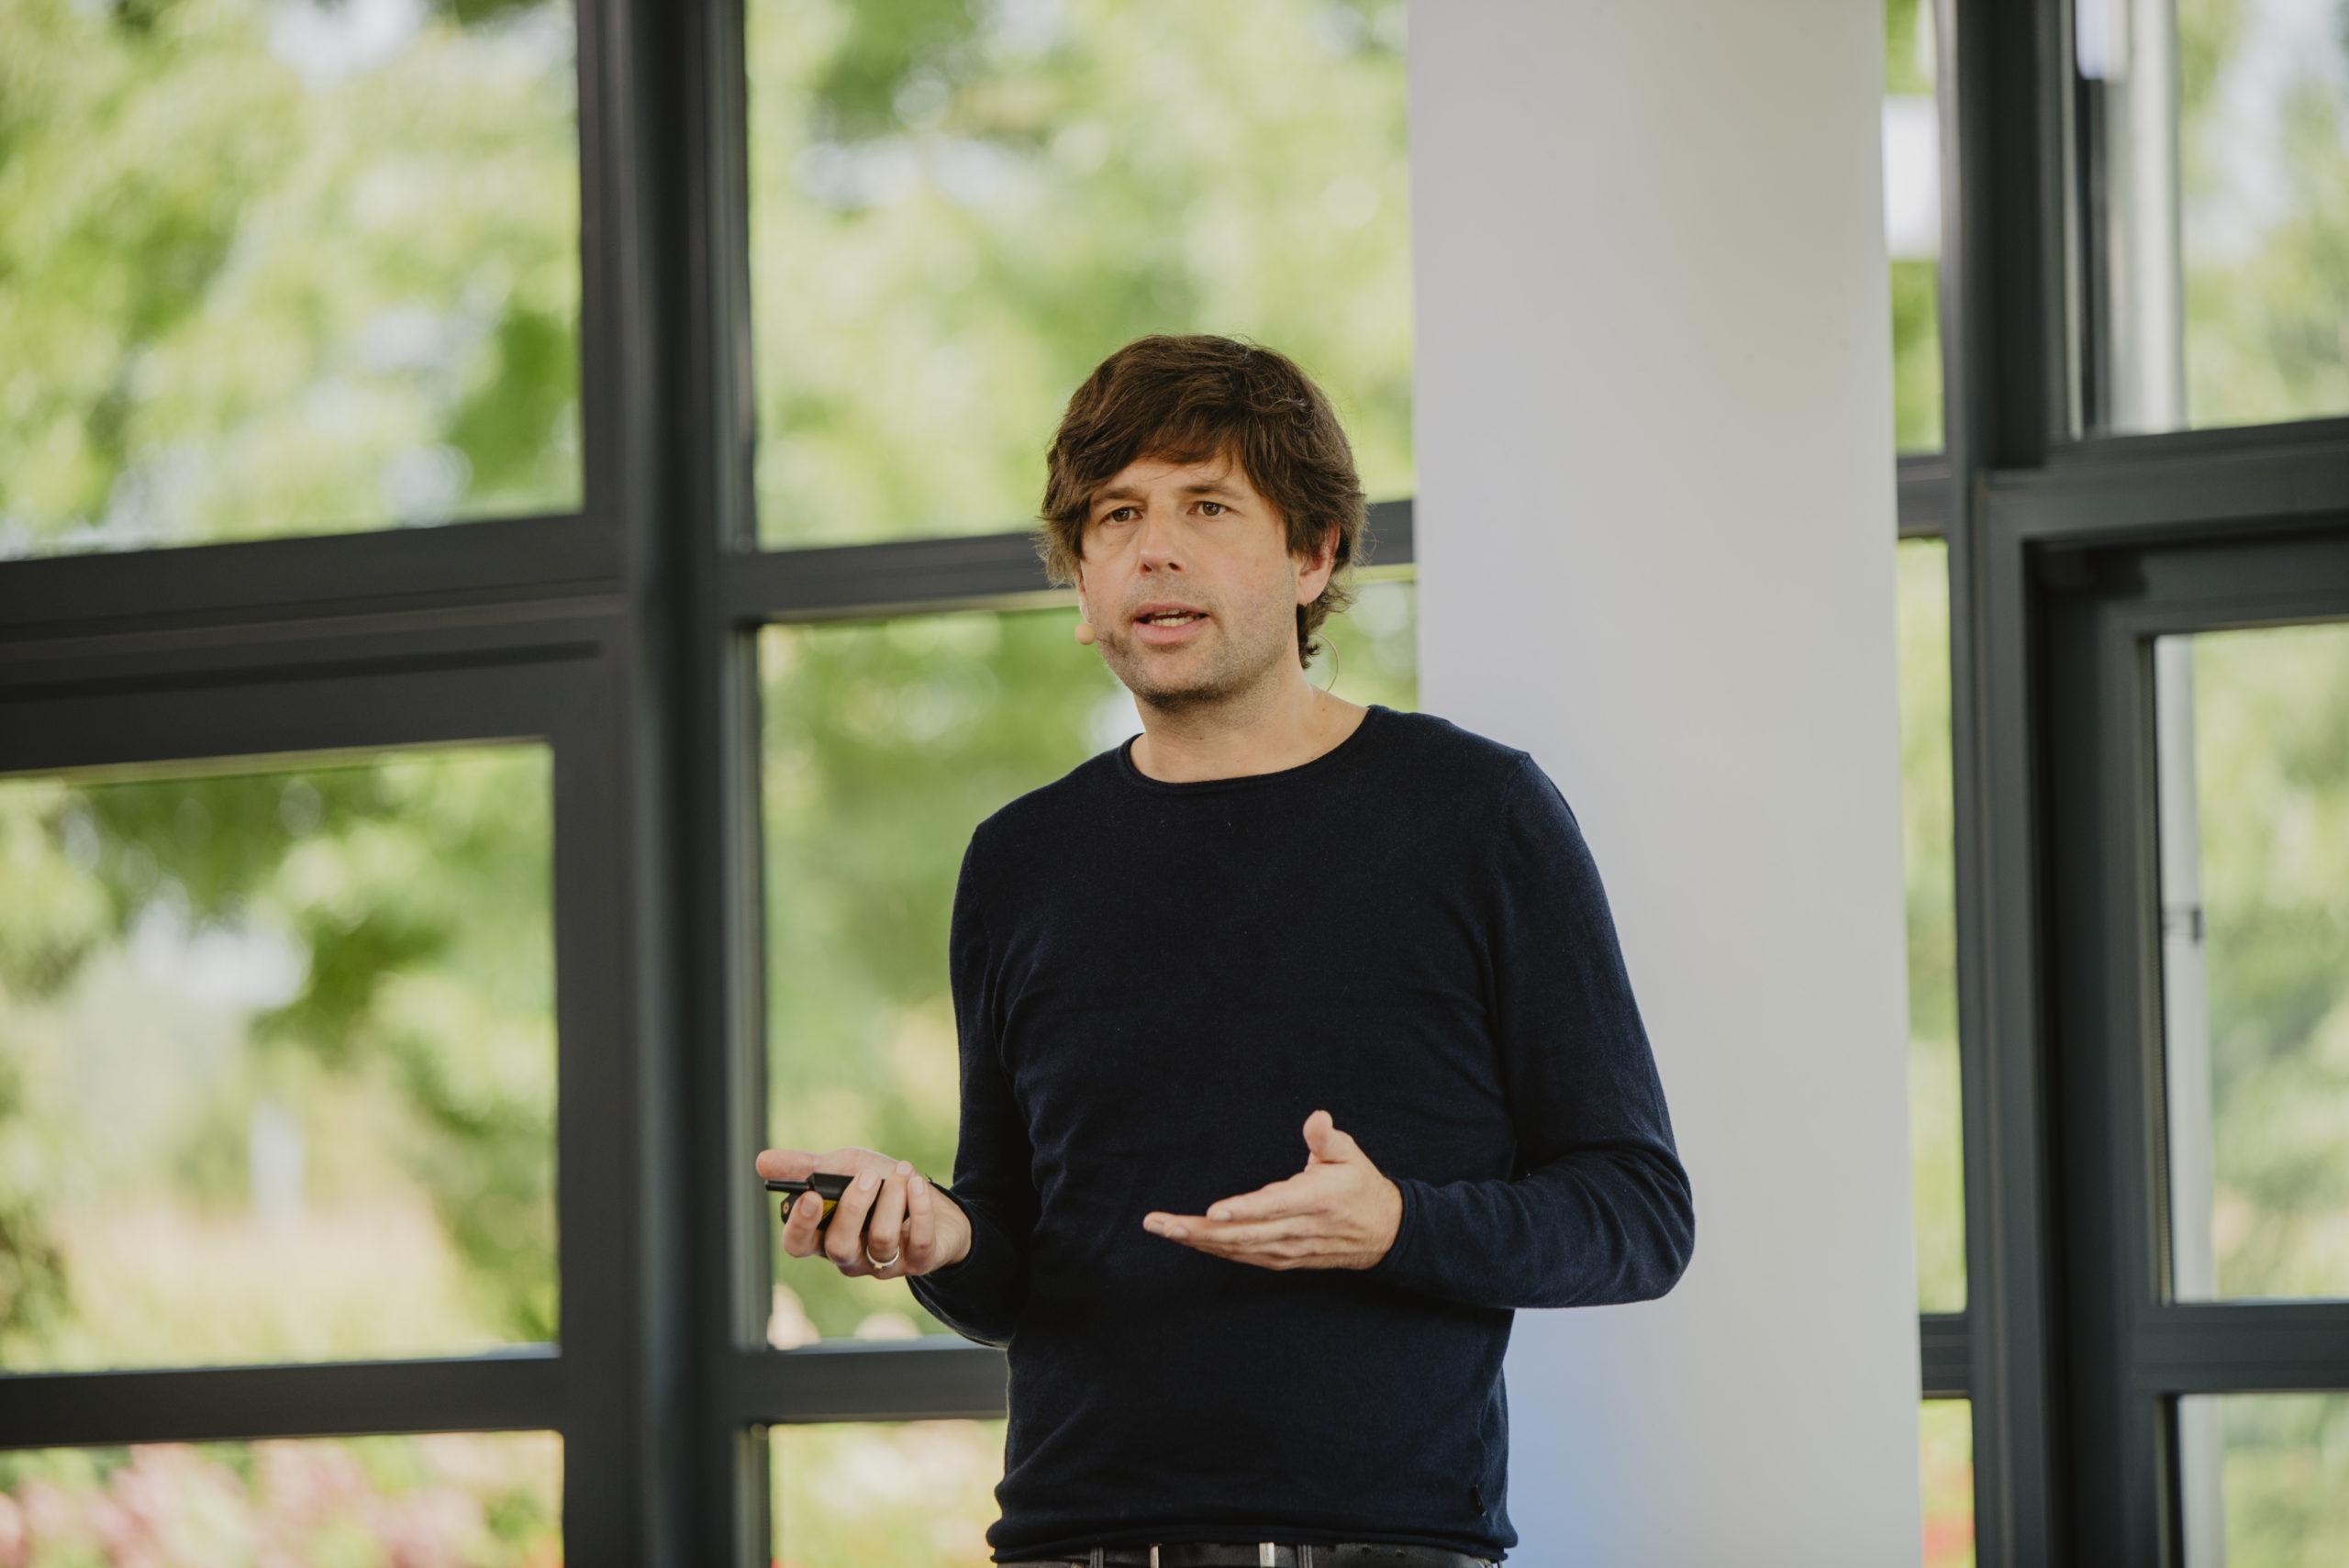 """Vorstand Rainer Hehmann informierte im """"Innovation Spotlight"""" gemeinsam mit seinem Vorstandskollegen Sebastian Evers über Neues aus der d.velop Softwareschmiede"""